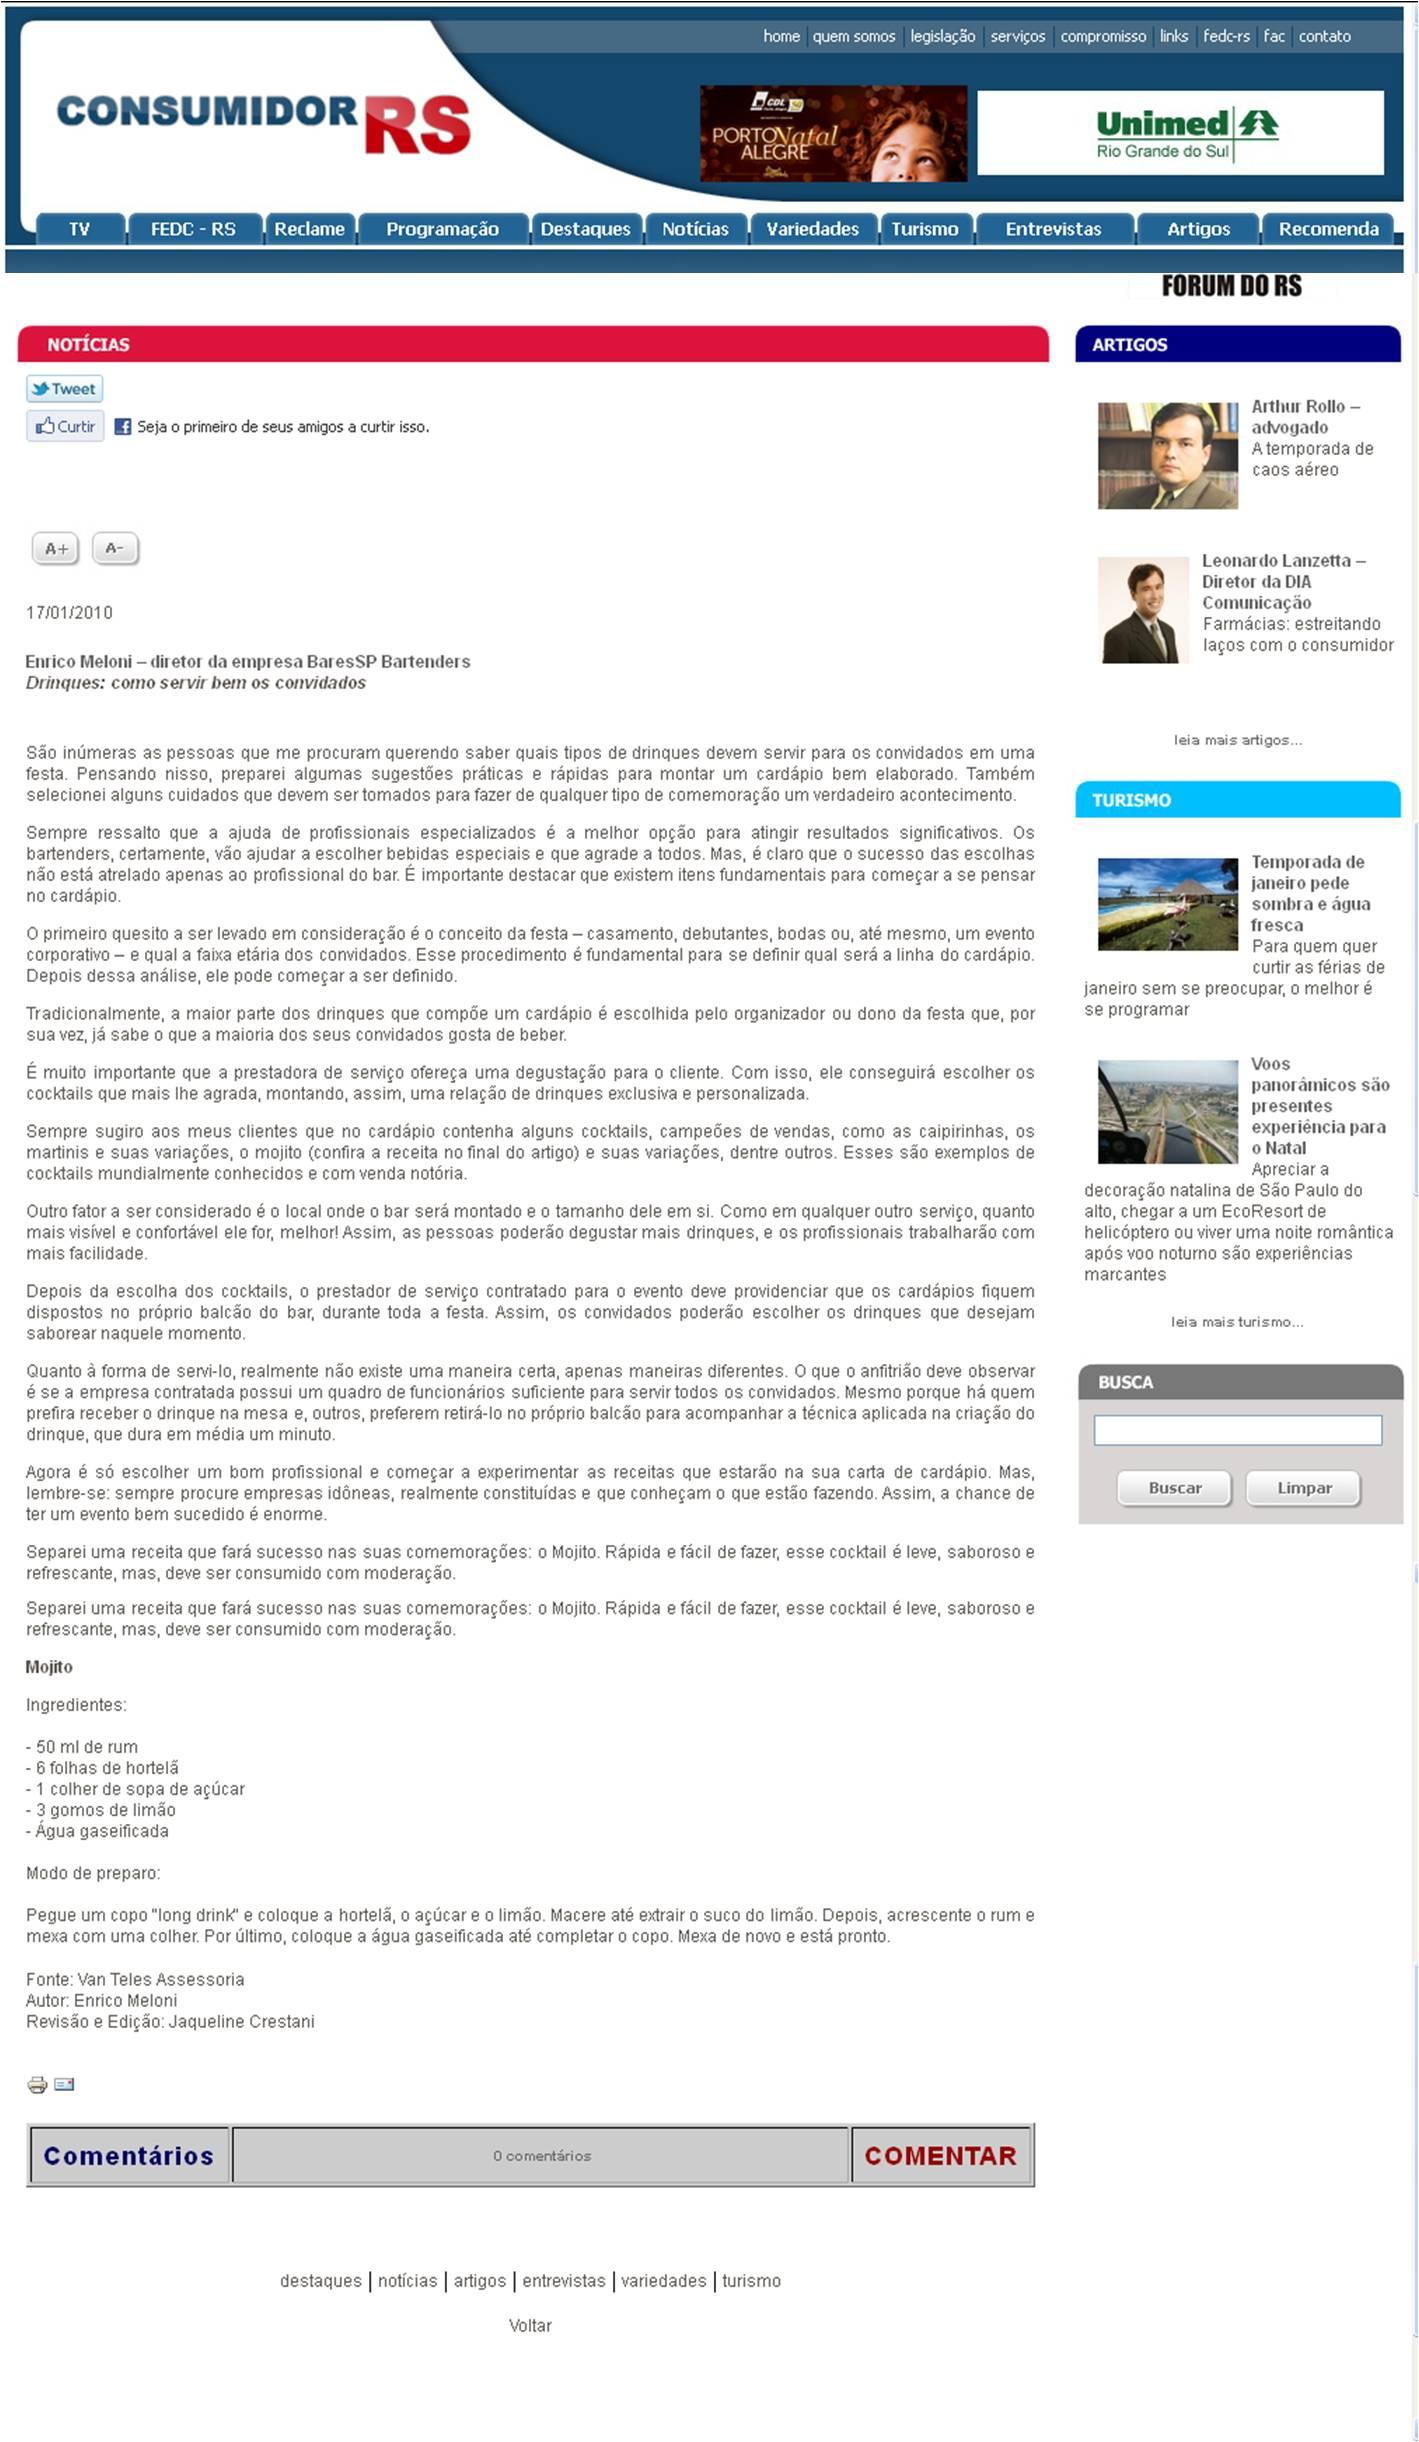 Matéria no Portal Consumidor RS BaresSP image